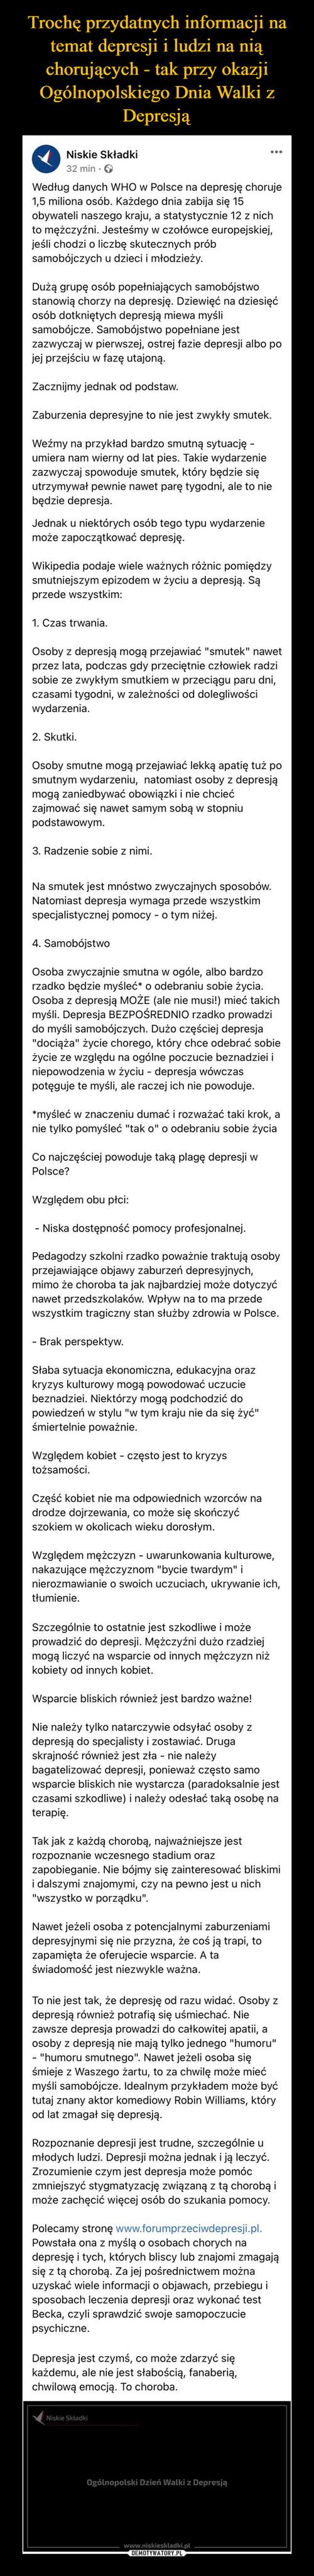 Trochę przydatnych informacji na temat depresji i ludzi na nią chorujących - tak przy okazji Ogólnopolskiego Dnia Walki z Depresją